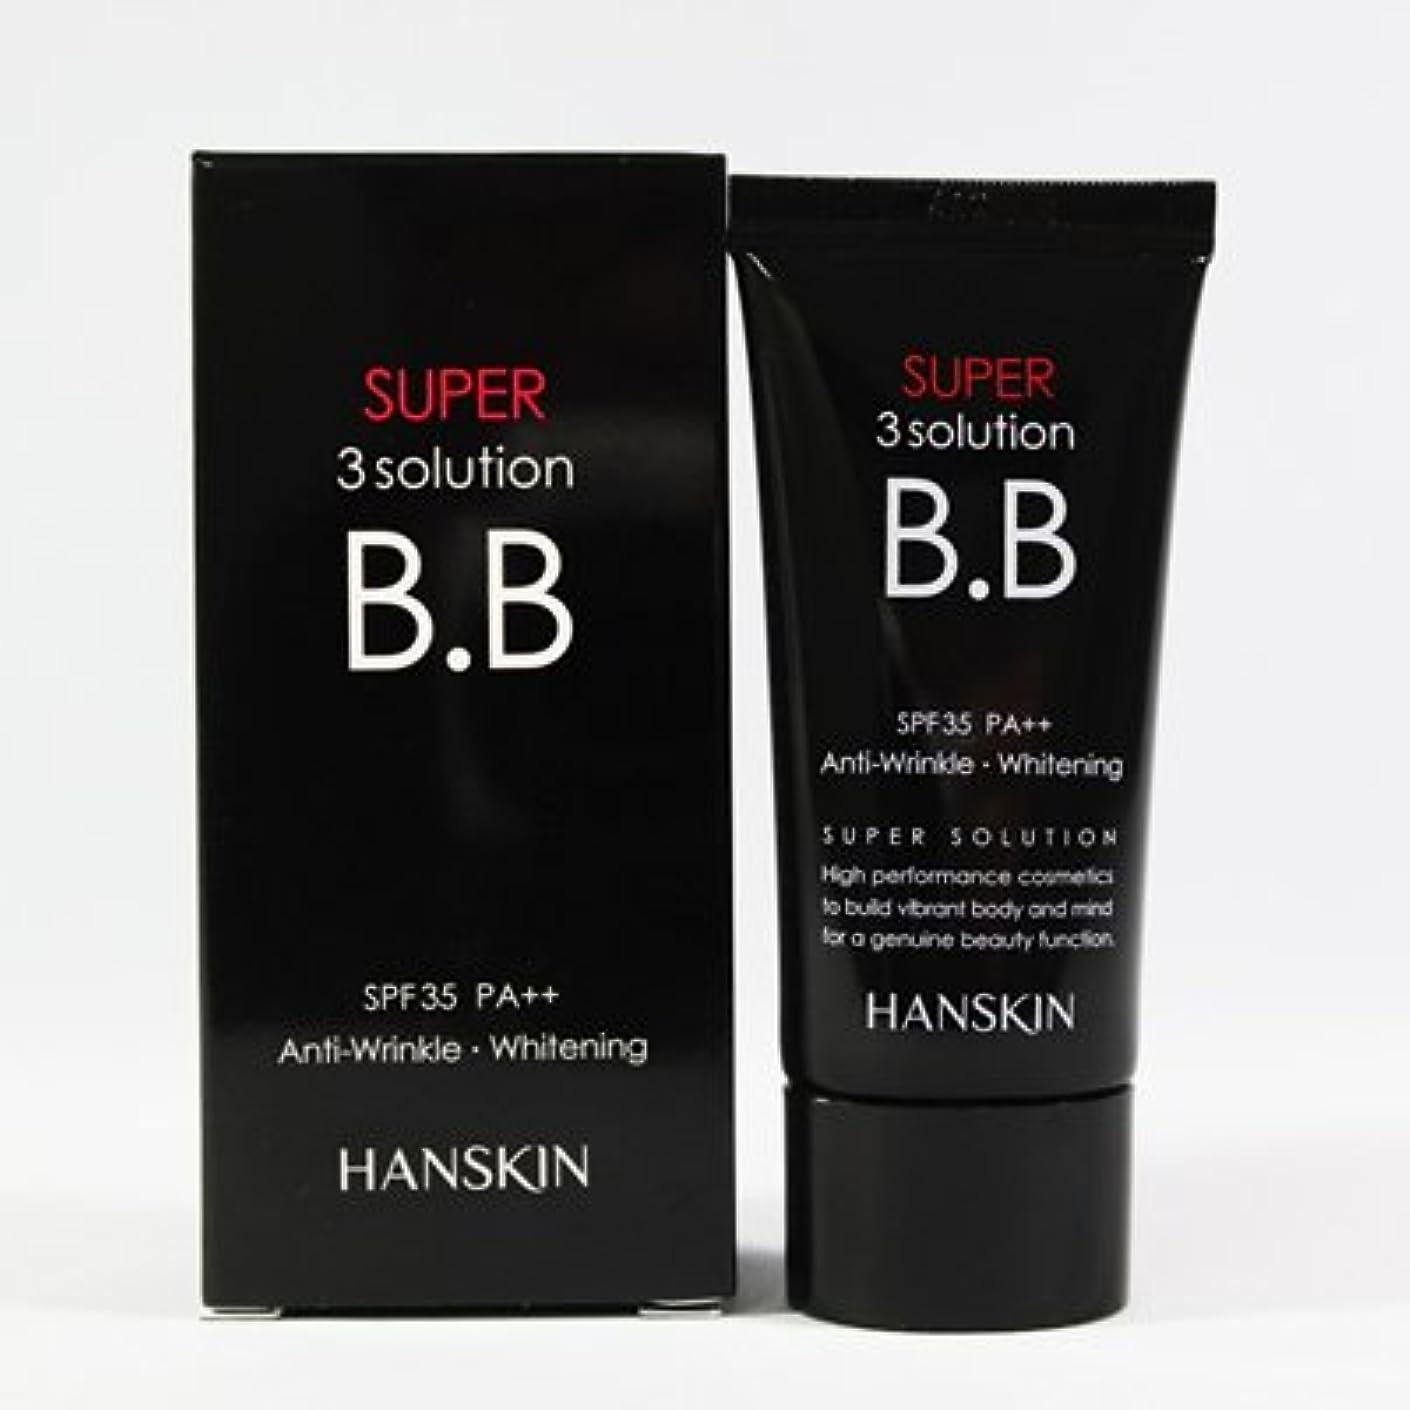 ルート小数誤解HANSKIN ハンスキン スーパー3ソリューションBBクリーム(30g) (箱無し)